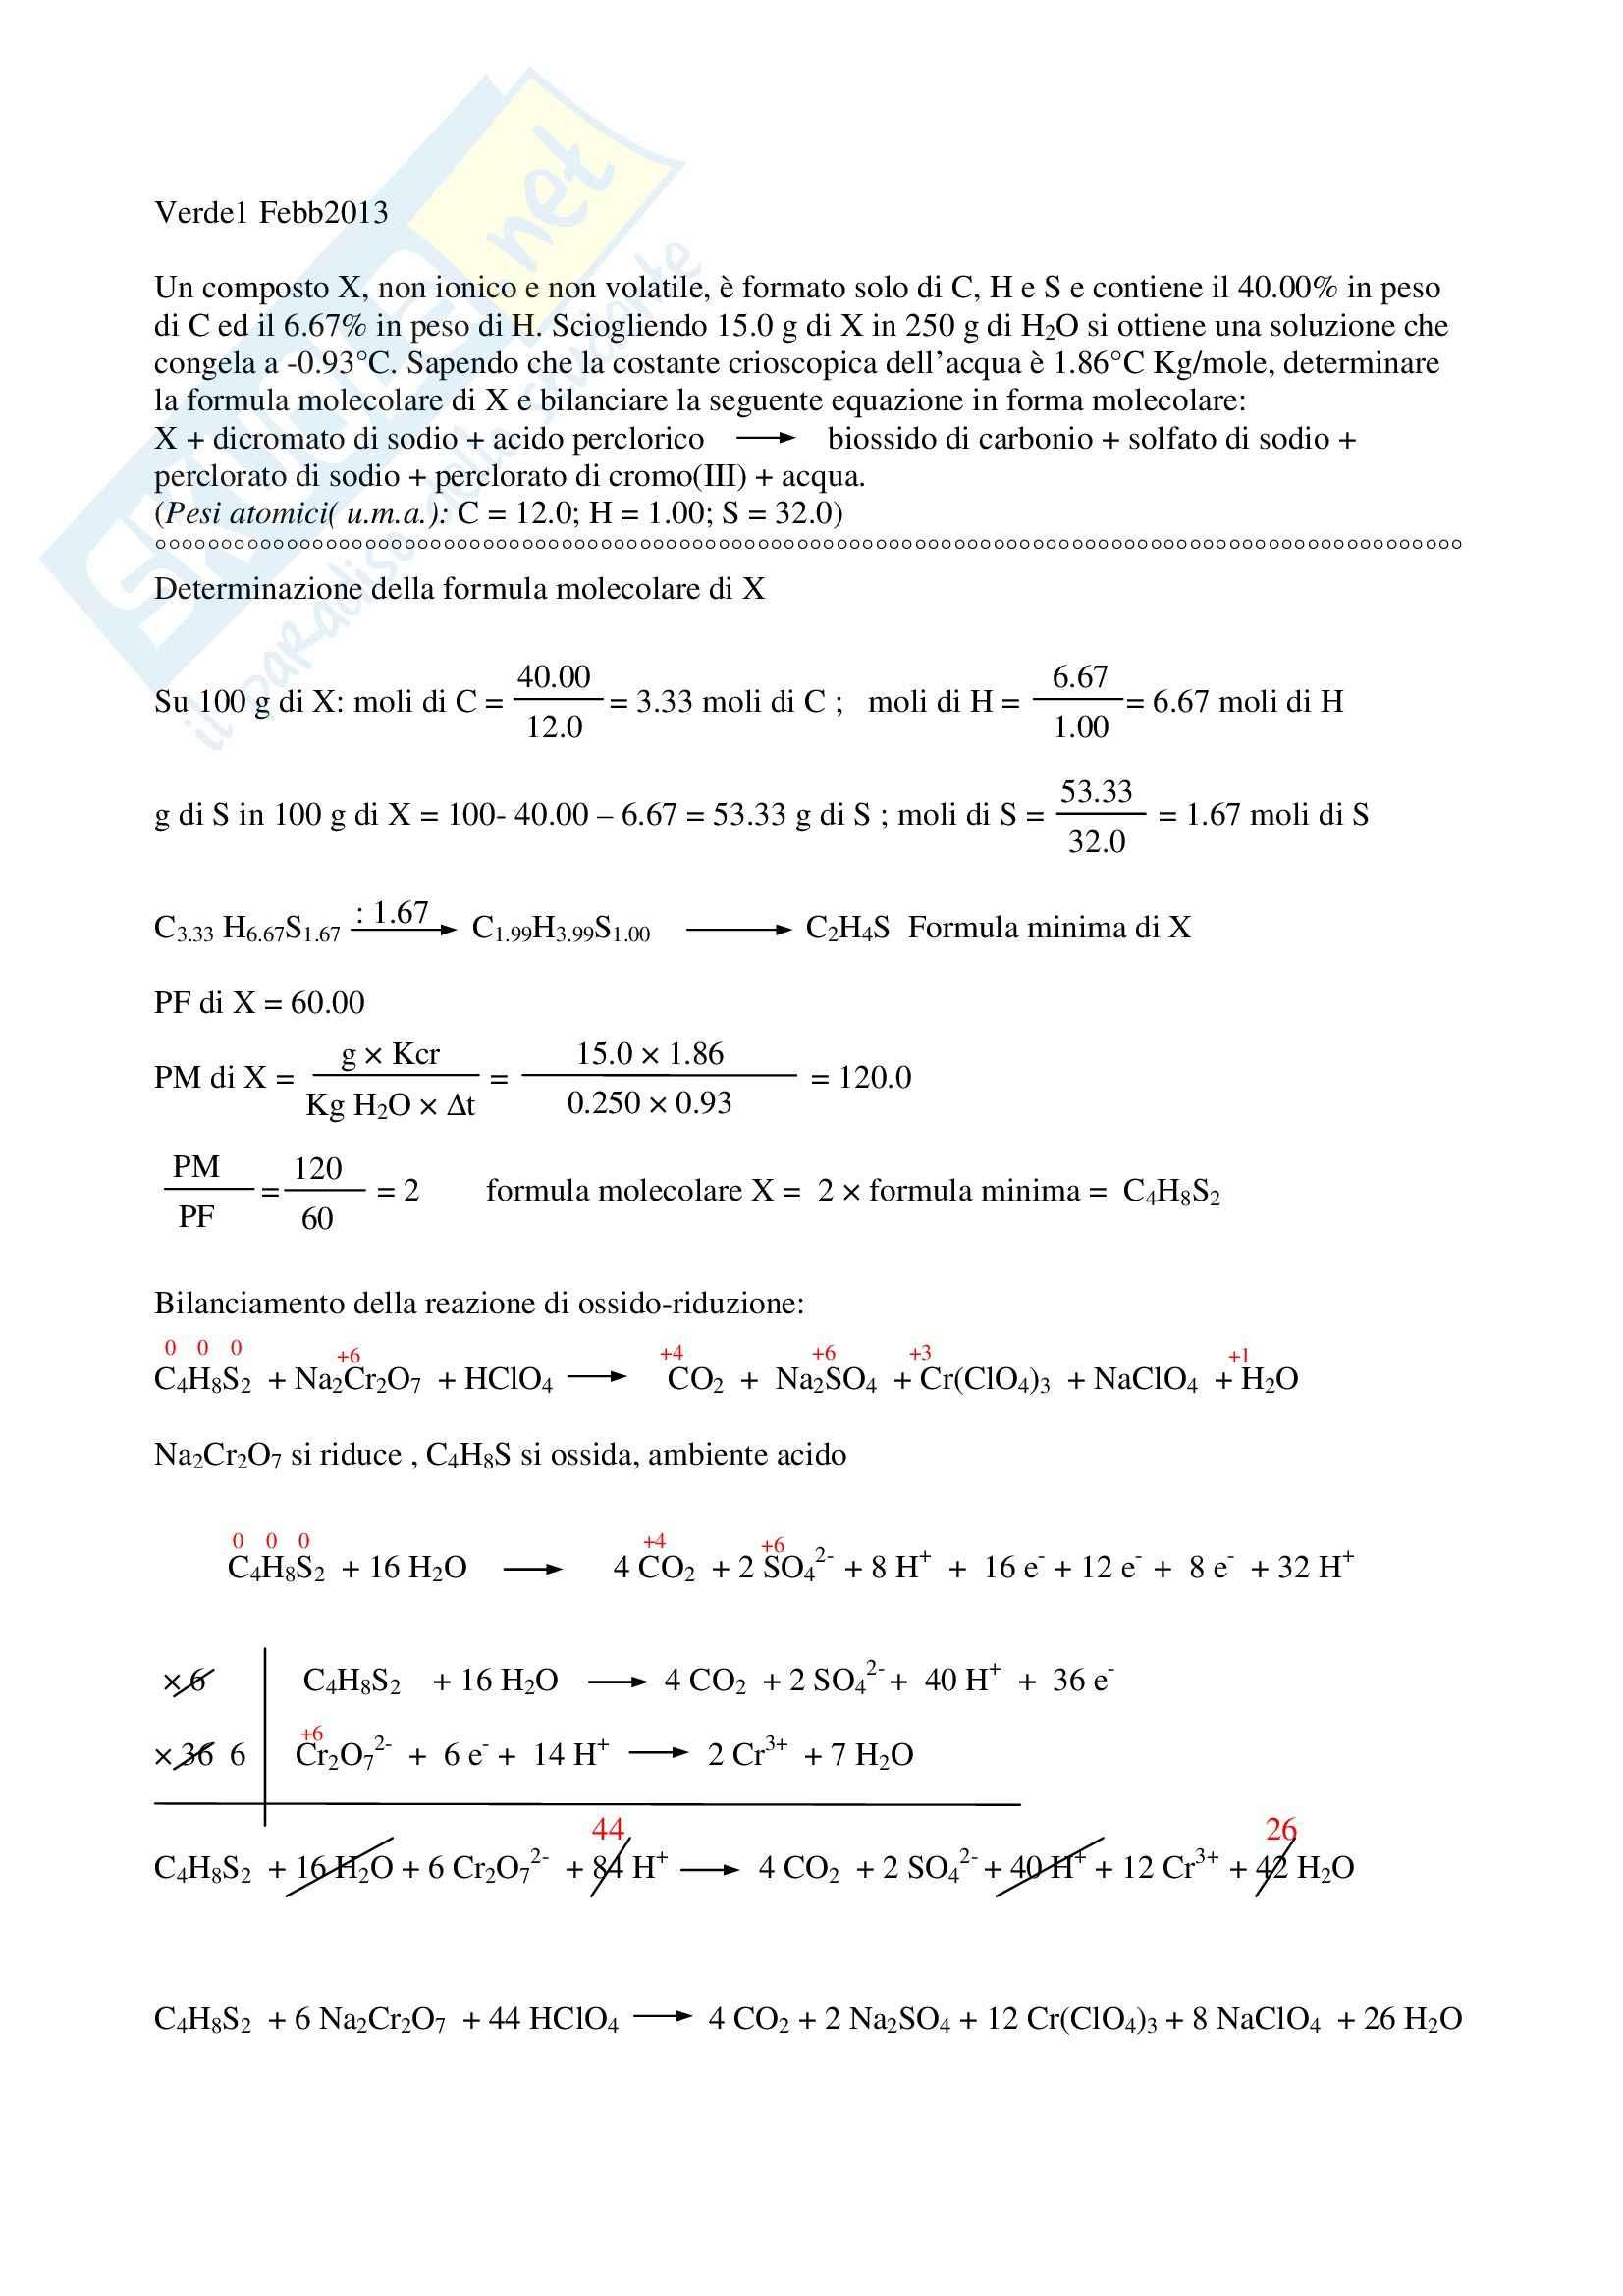 Esercizi d'esame Chimica inorganica CTF e Farmacia